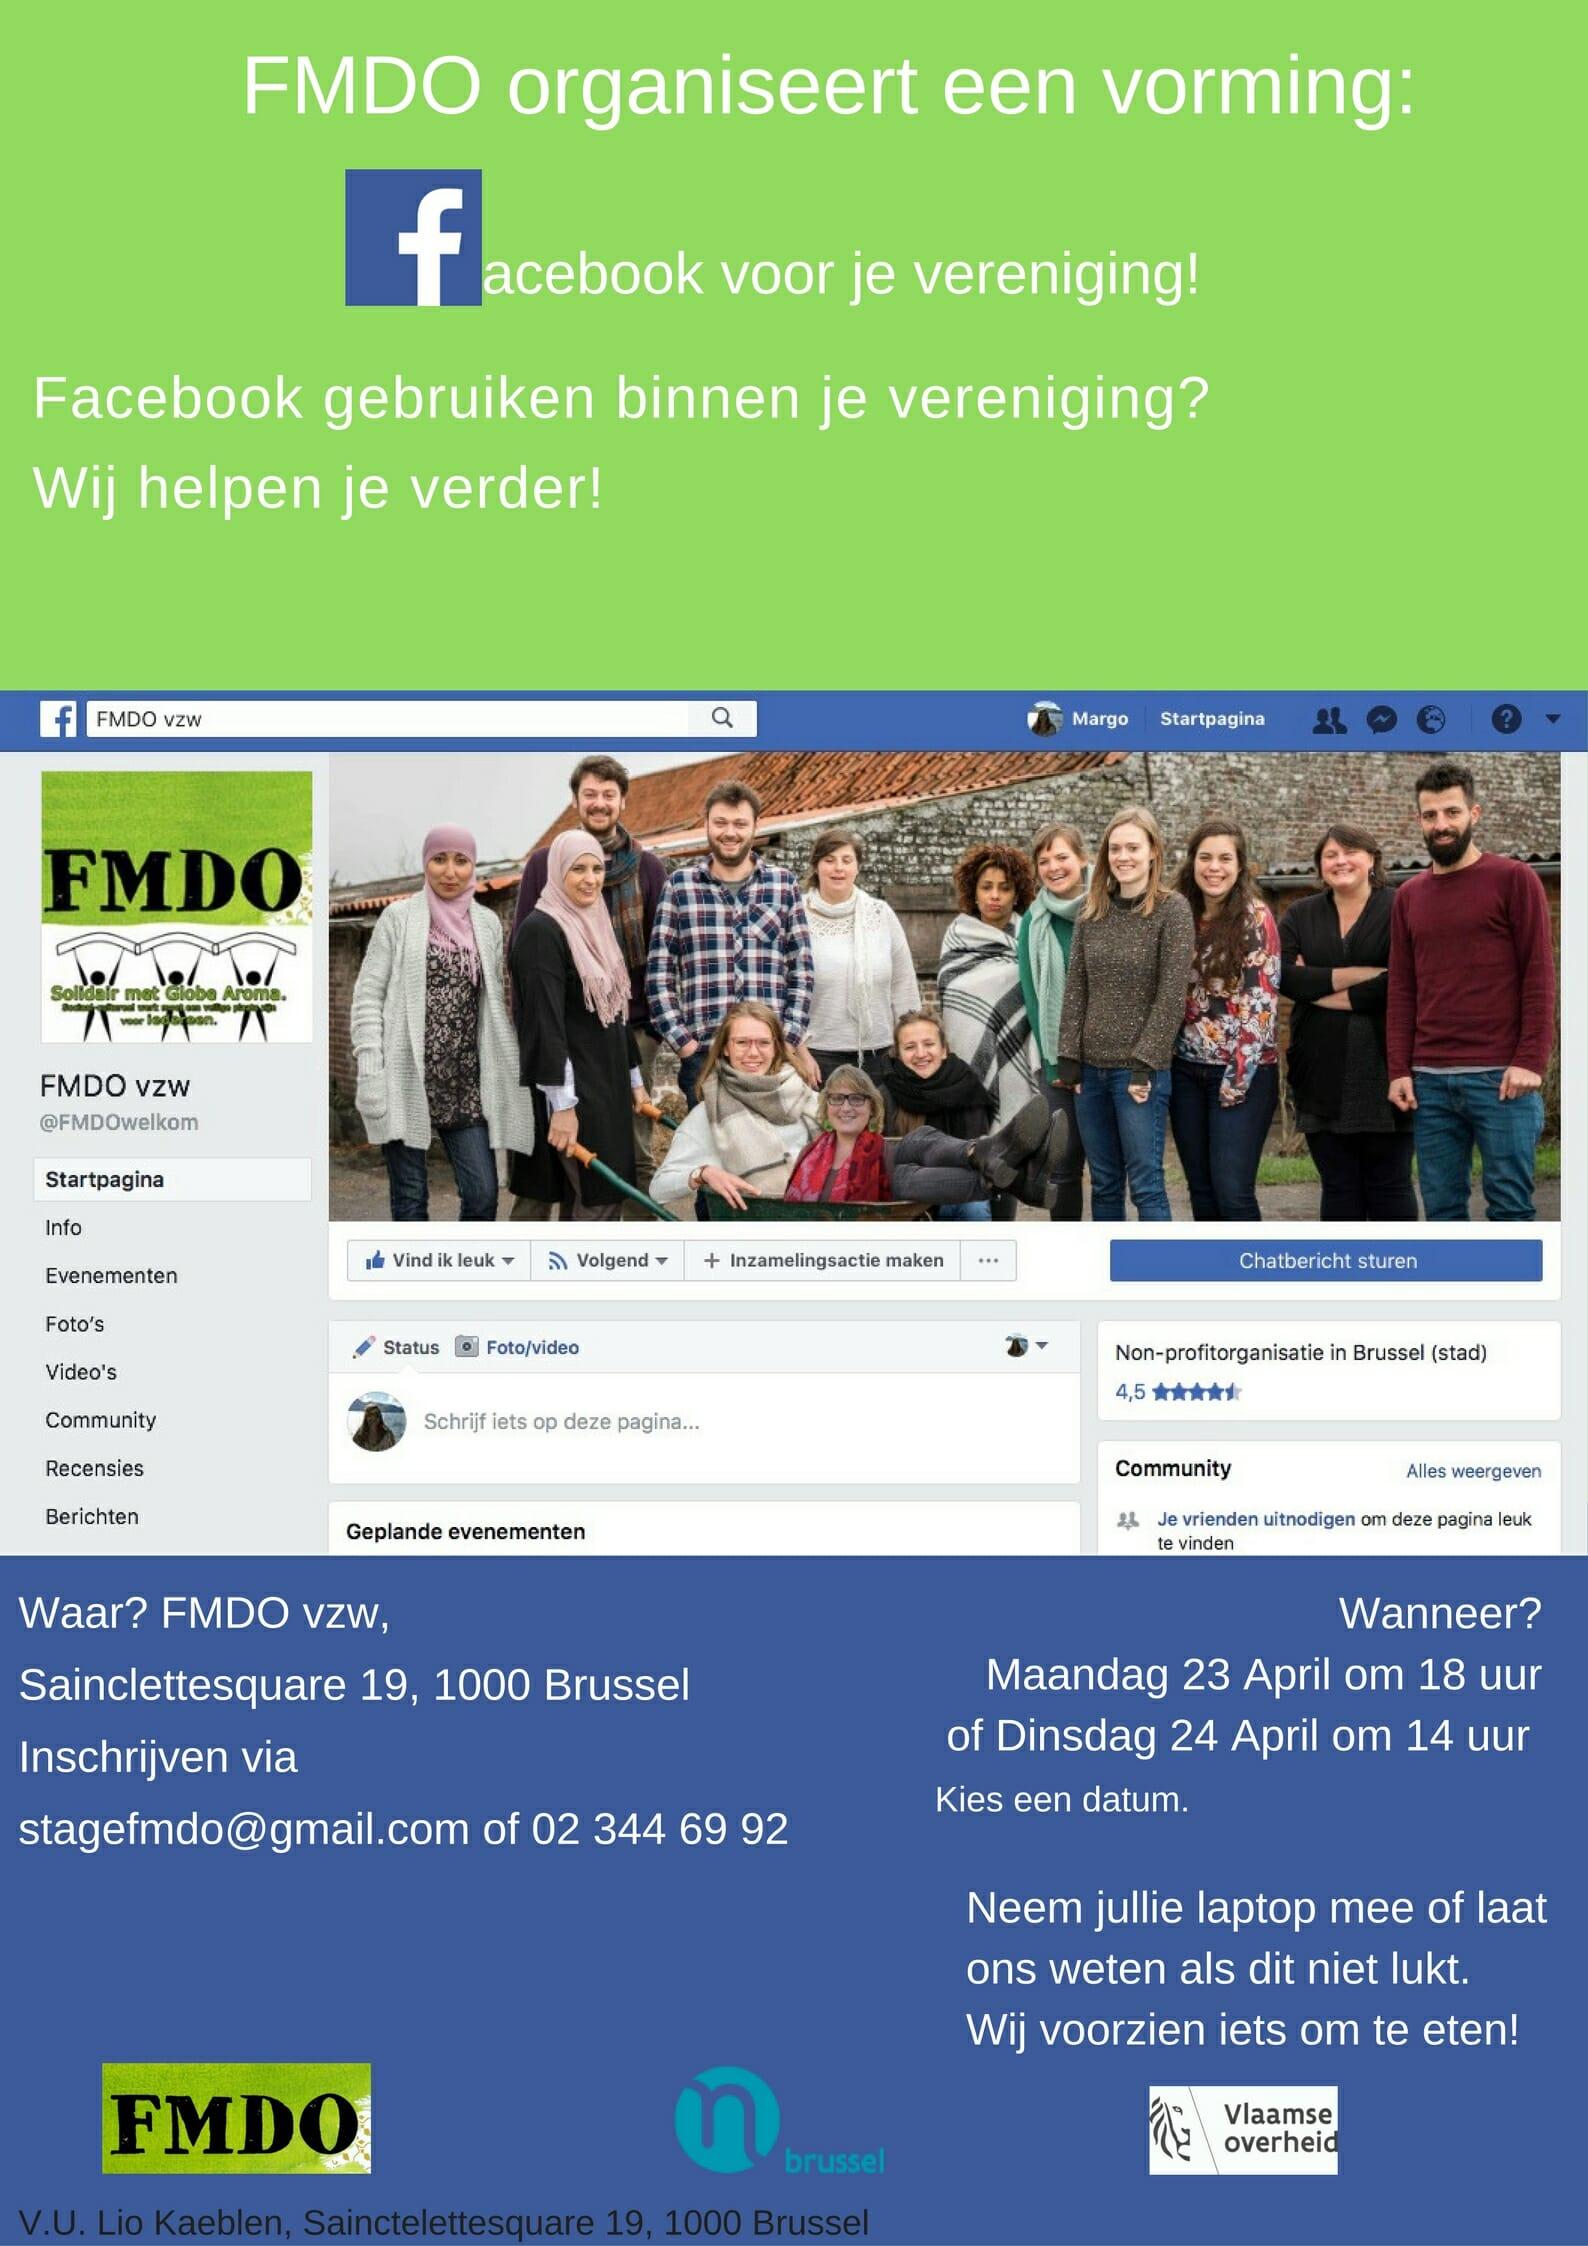 Vorming Facebook